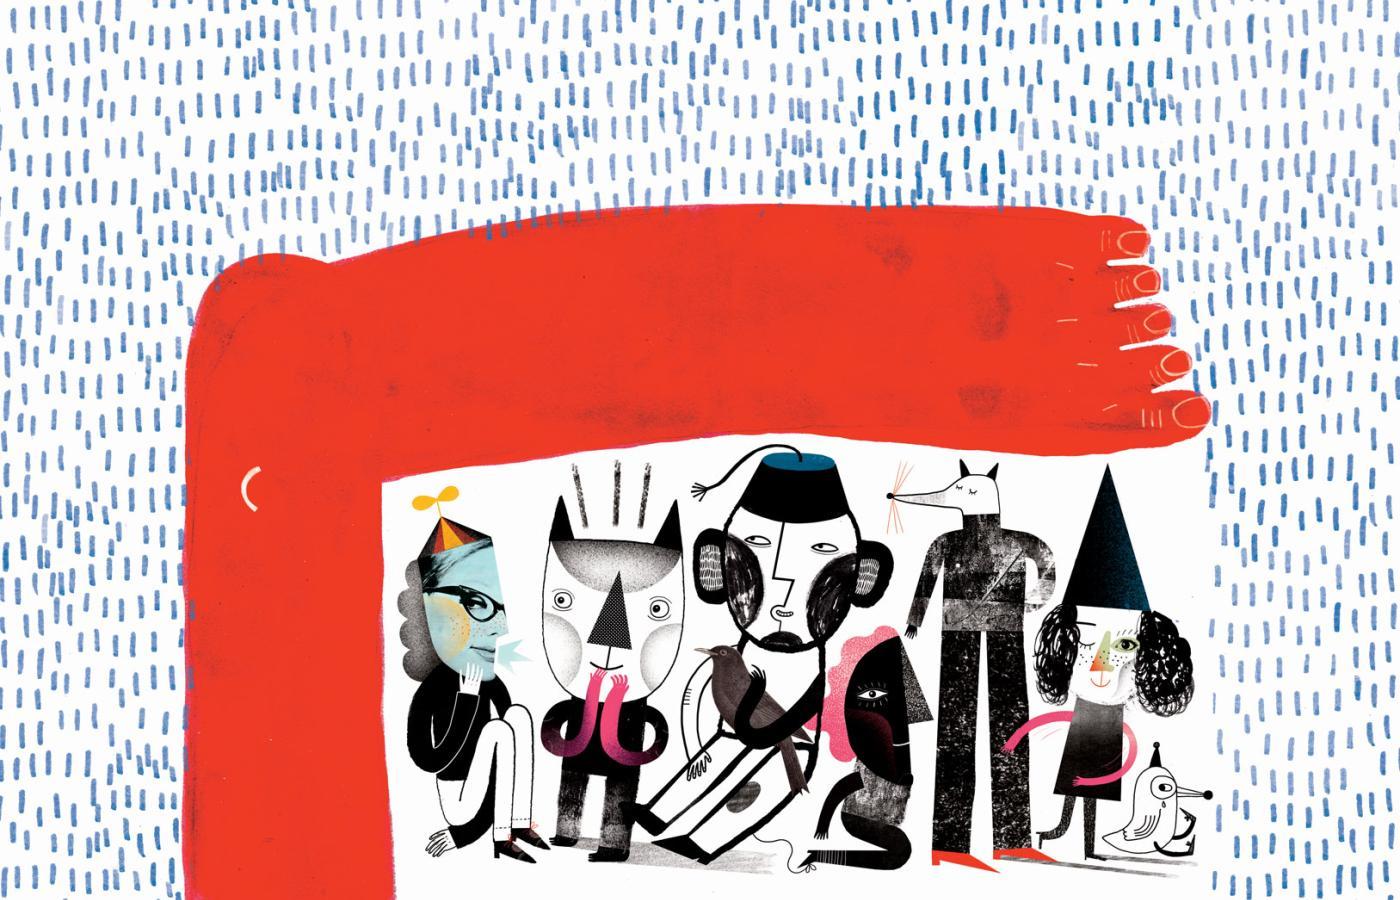 Ilustracje Dla Dzieci Sztuka Czy Chałtura Jak Rysuje Się